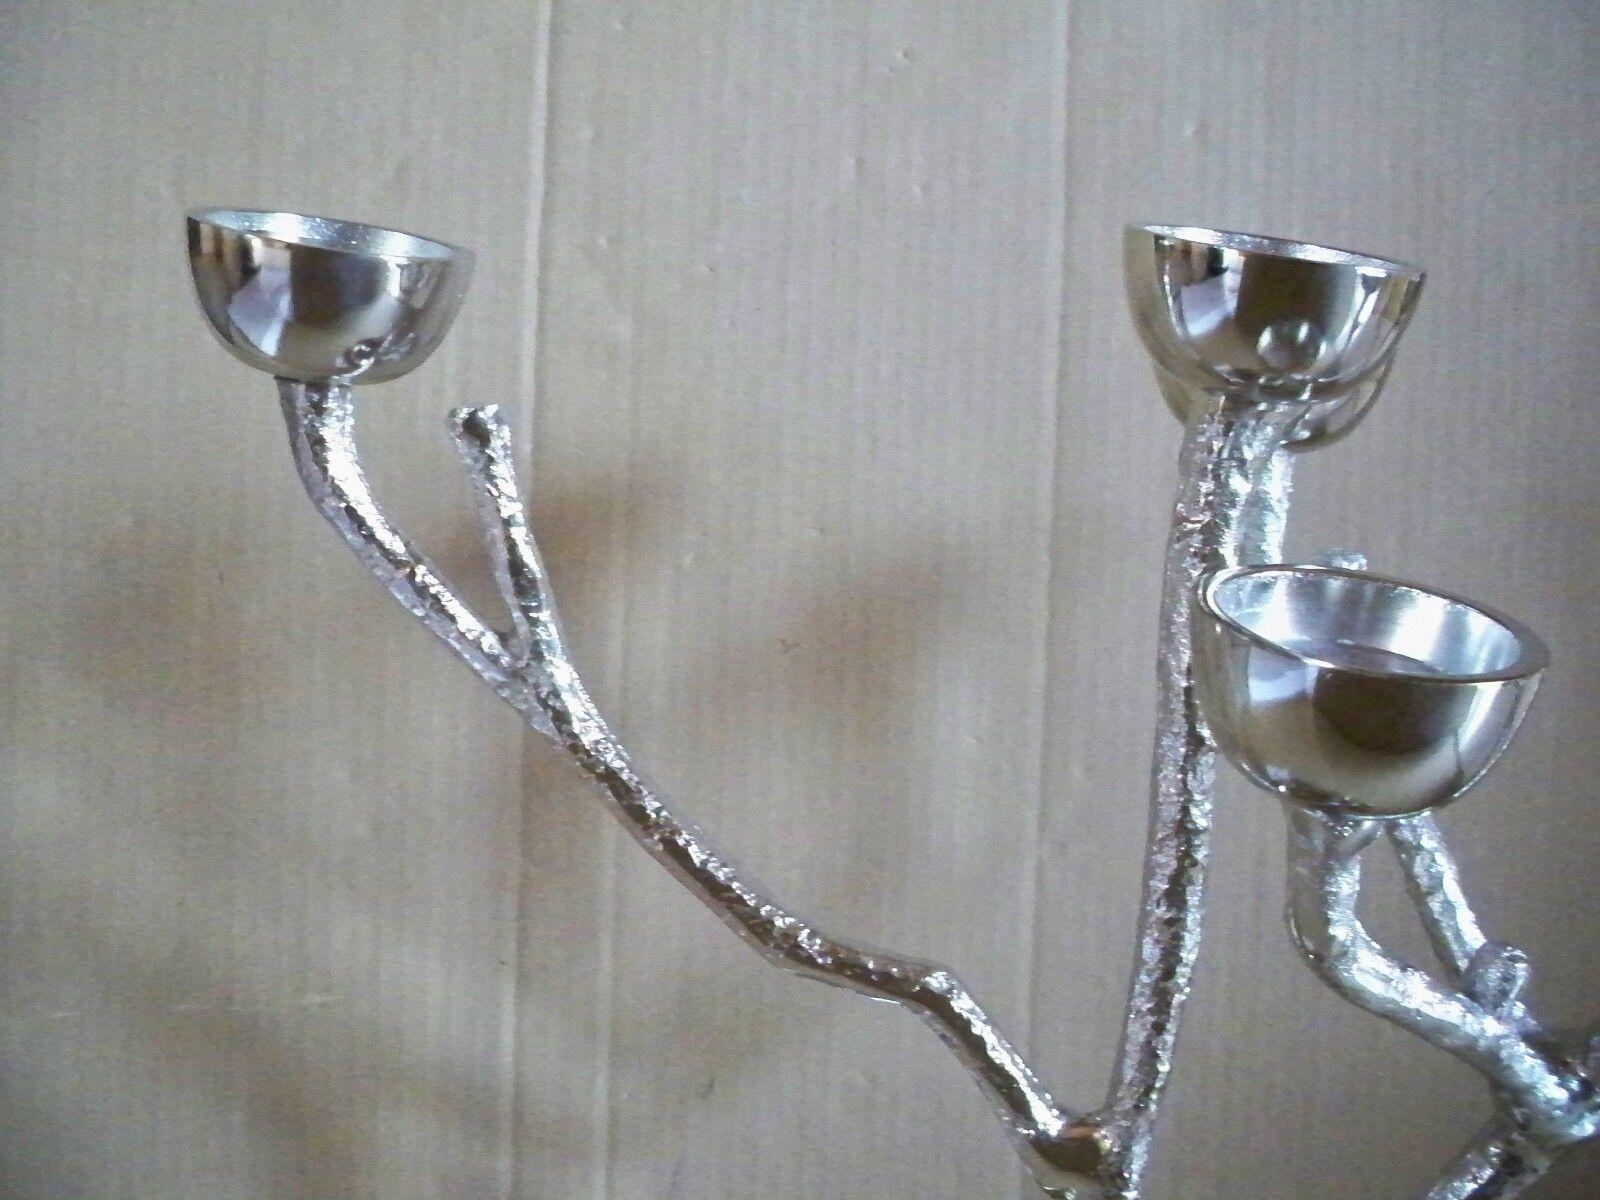 Kerzenhalter Teelichthalter Impressionen LIVING Handarbeit Aluminiumguß Aluminiumguß Aluminiumguß | Offizielle  32015c